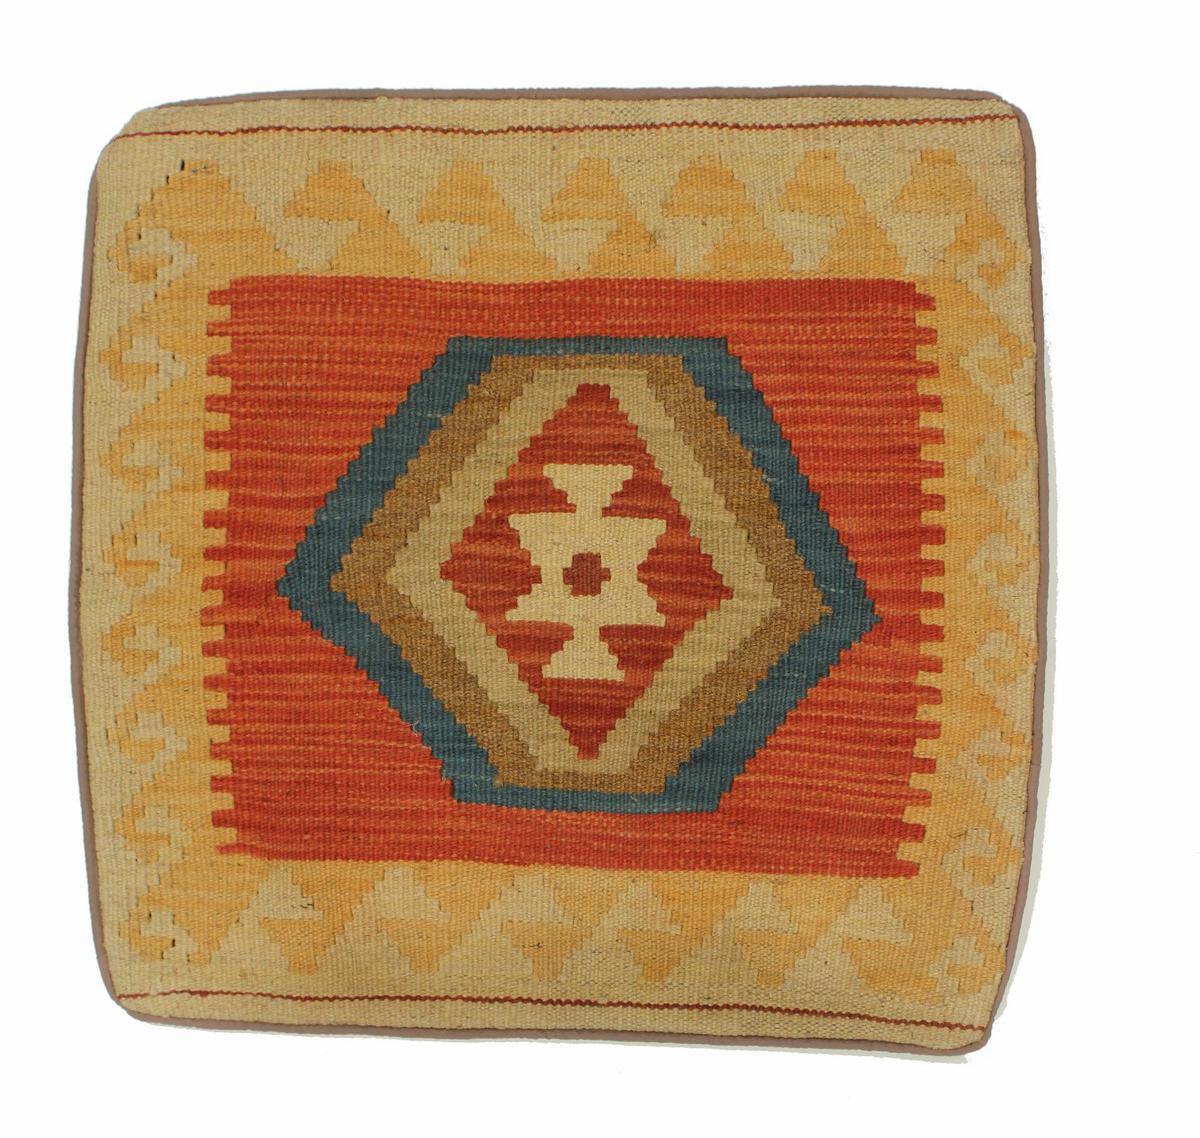 kelim kissen afghanischer teppich 50x50 id11104 kaufen sie ihren orientteppich kelim teppich. Black Bedroom Furniture Sets. Home Design Ideas